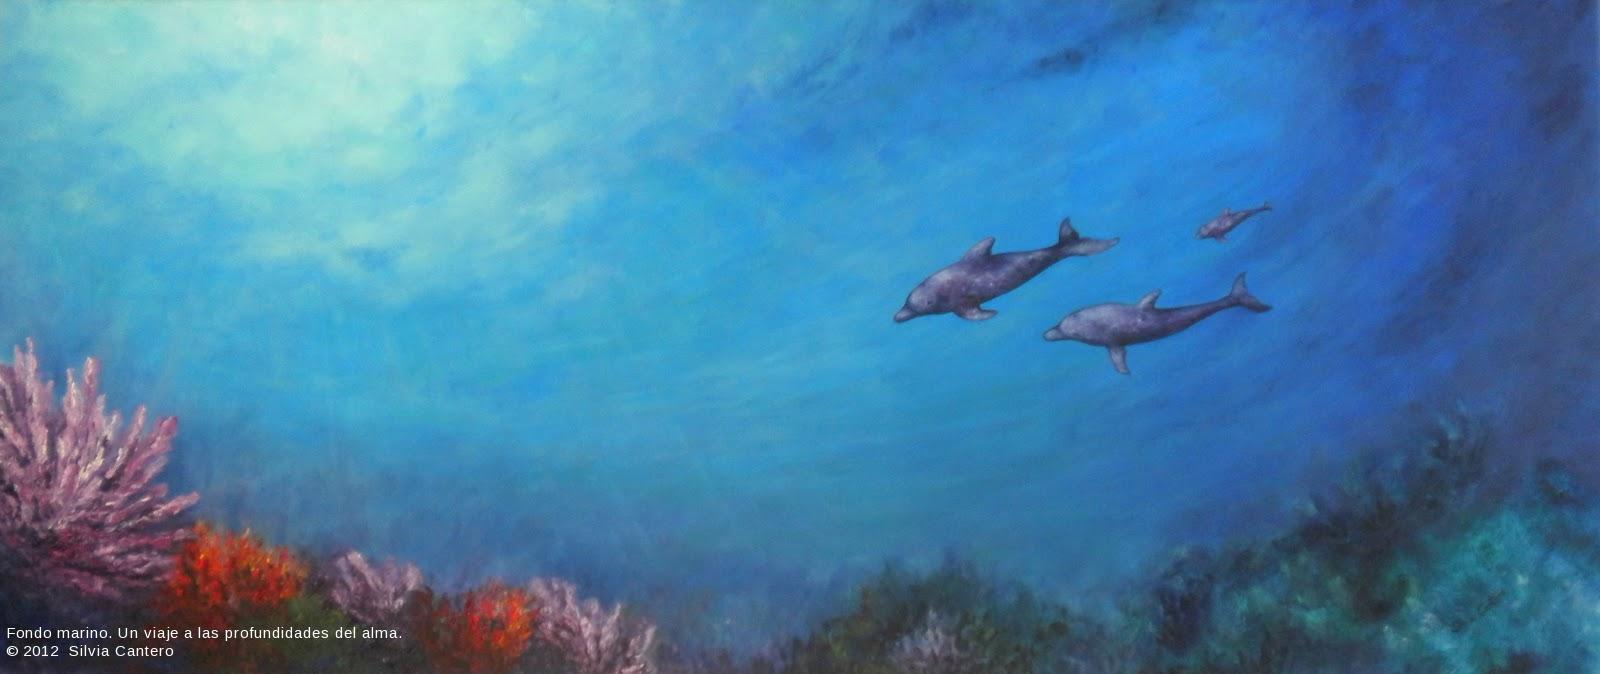 Fondo marino. Un viaje a las profundidades del alma.